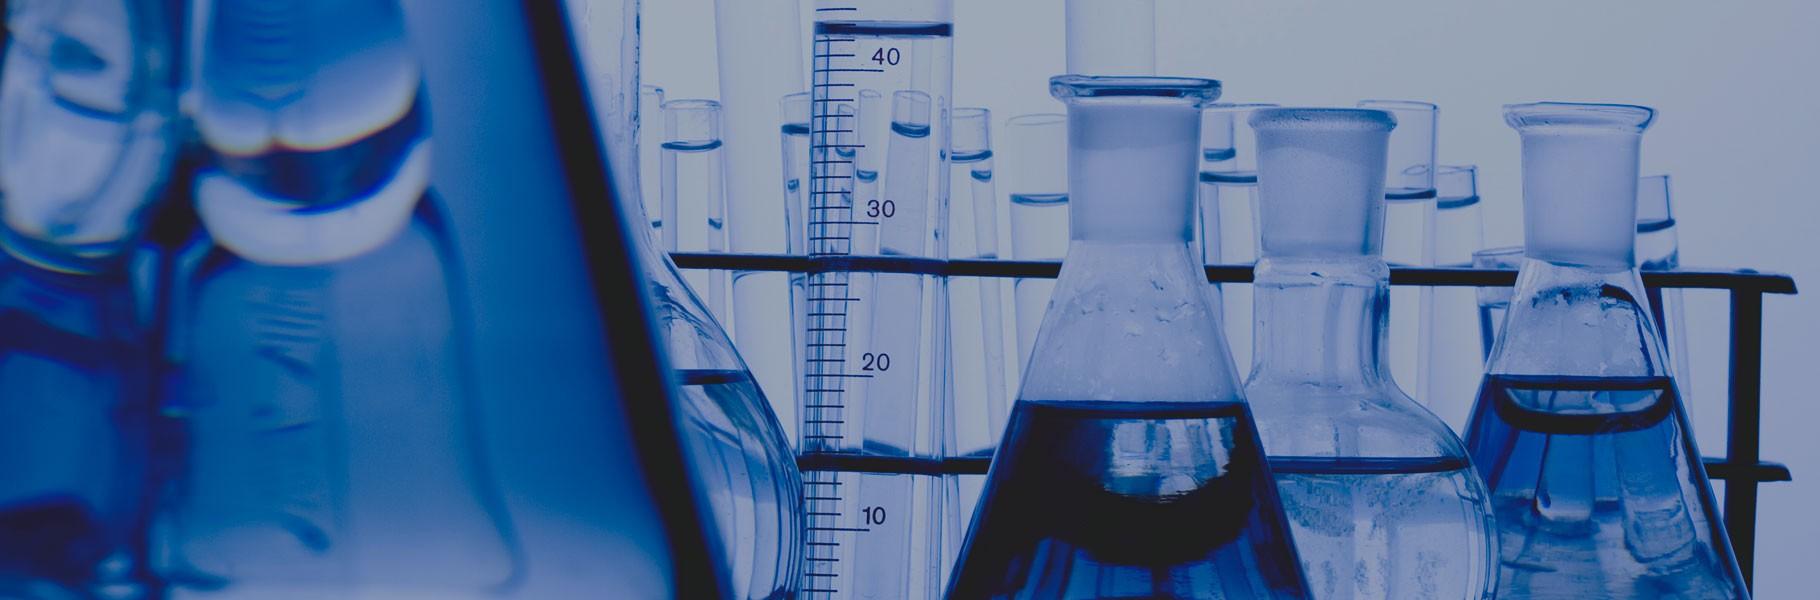 Productes químics per a la indústria